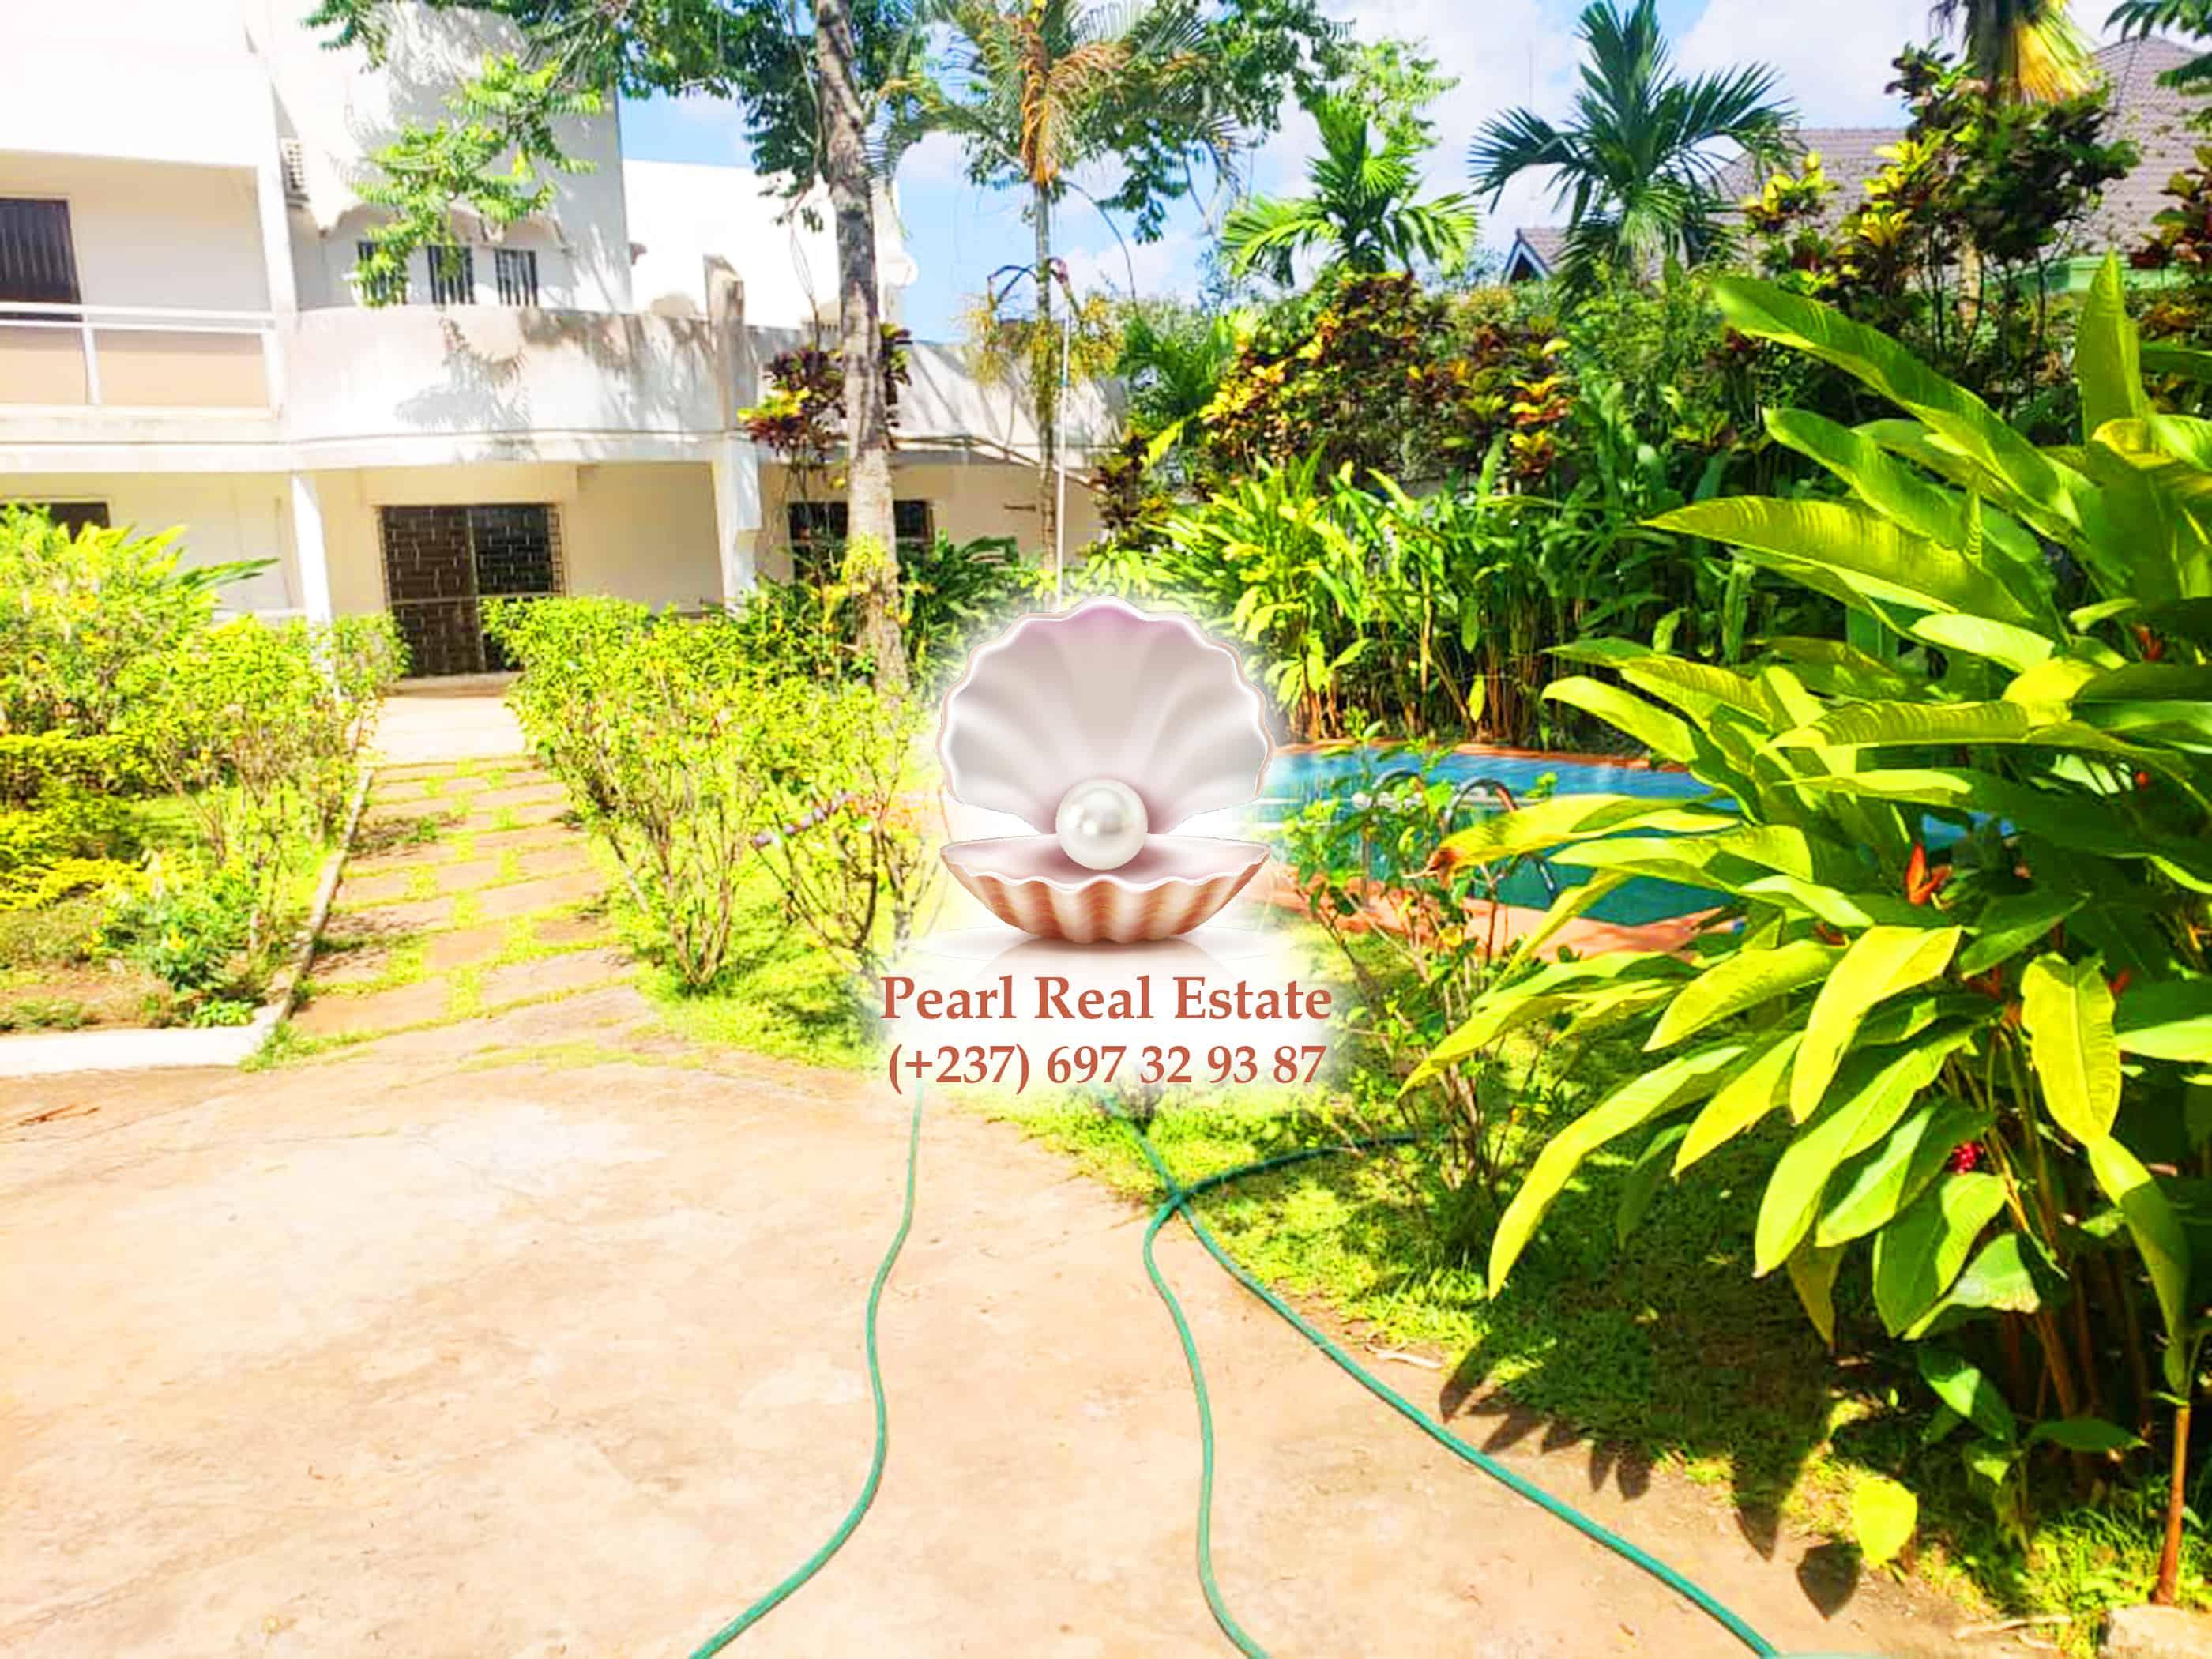 House (Duplex) to rent - Yaoundé, Bastos, Bastos - 2 living room(s), 6 bedroom(s), 5 bathroom(s) - 250 000 000 FCFA / month